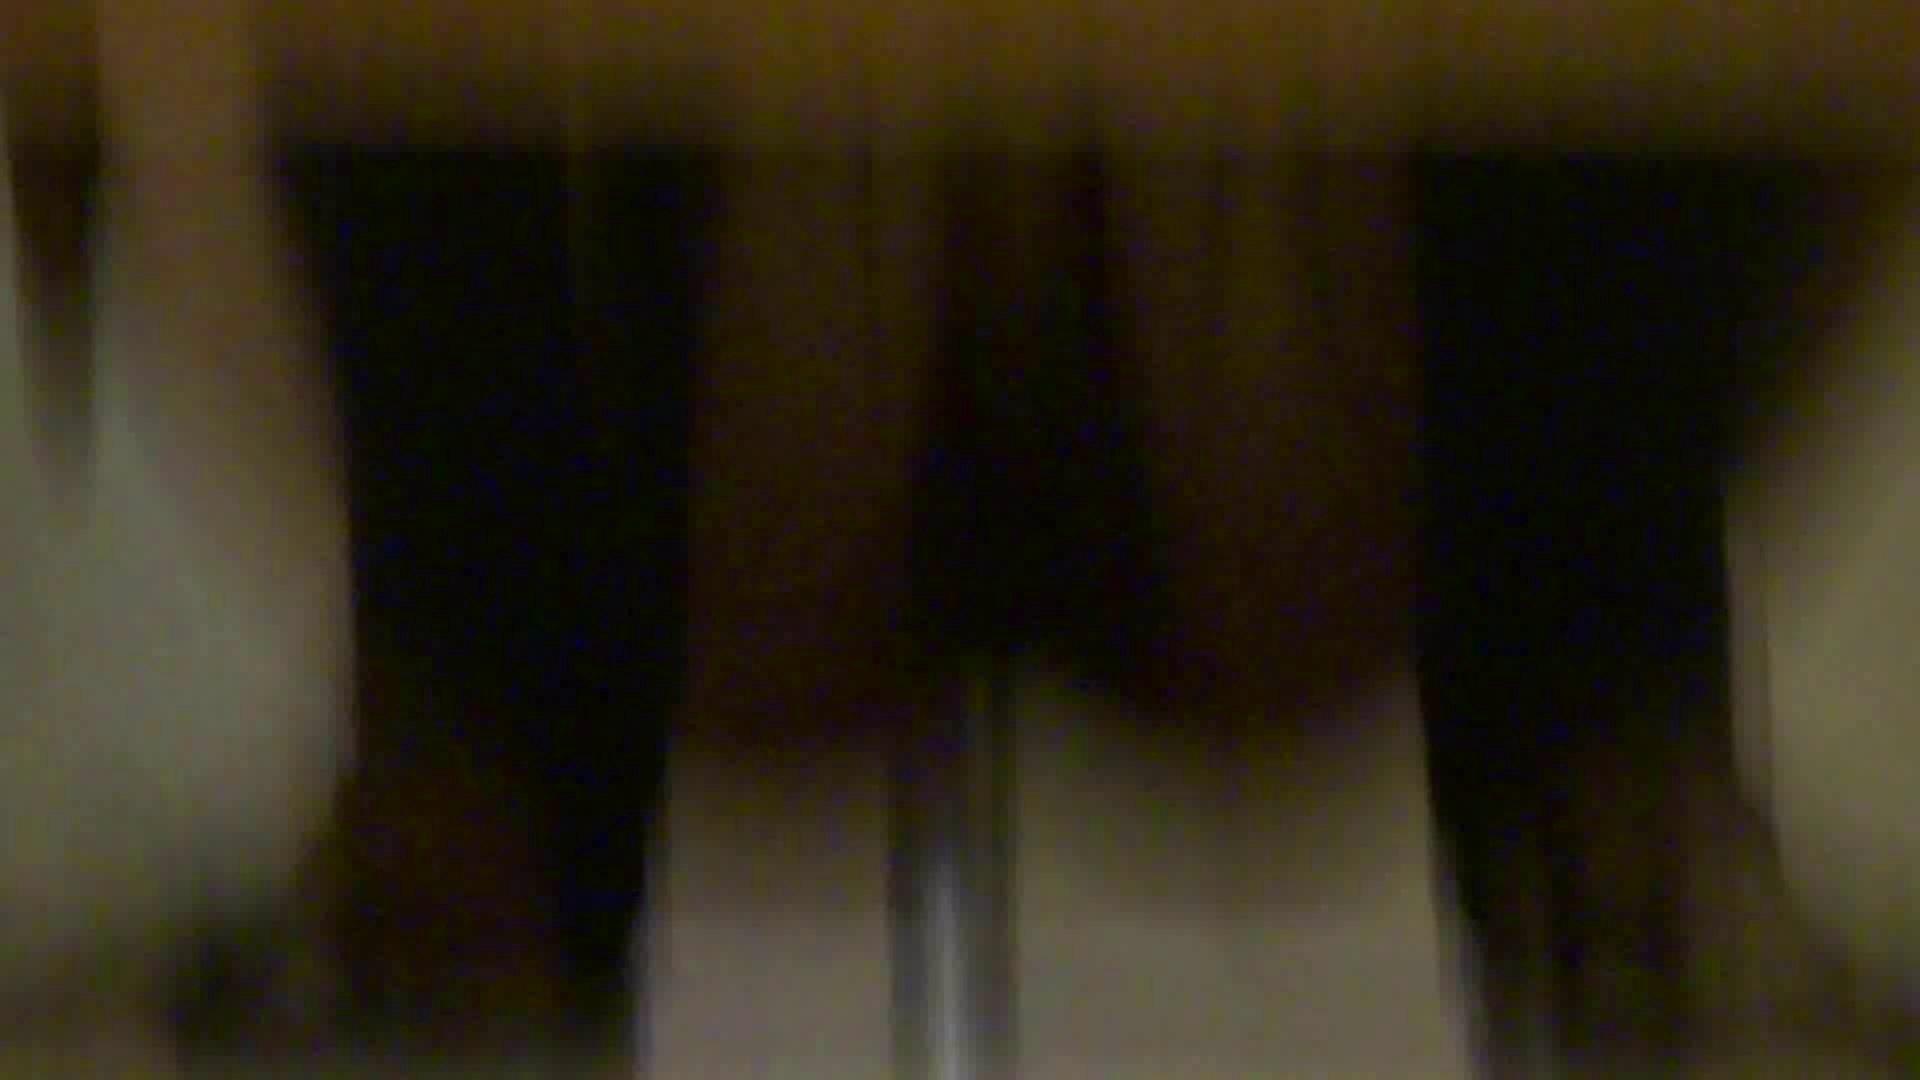 「噂」の国の厠観察日記2 Vol.03 人気シリーズ   厠  55pic 6